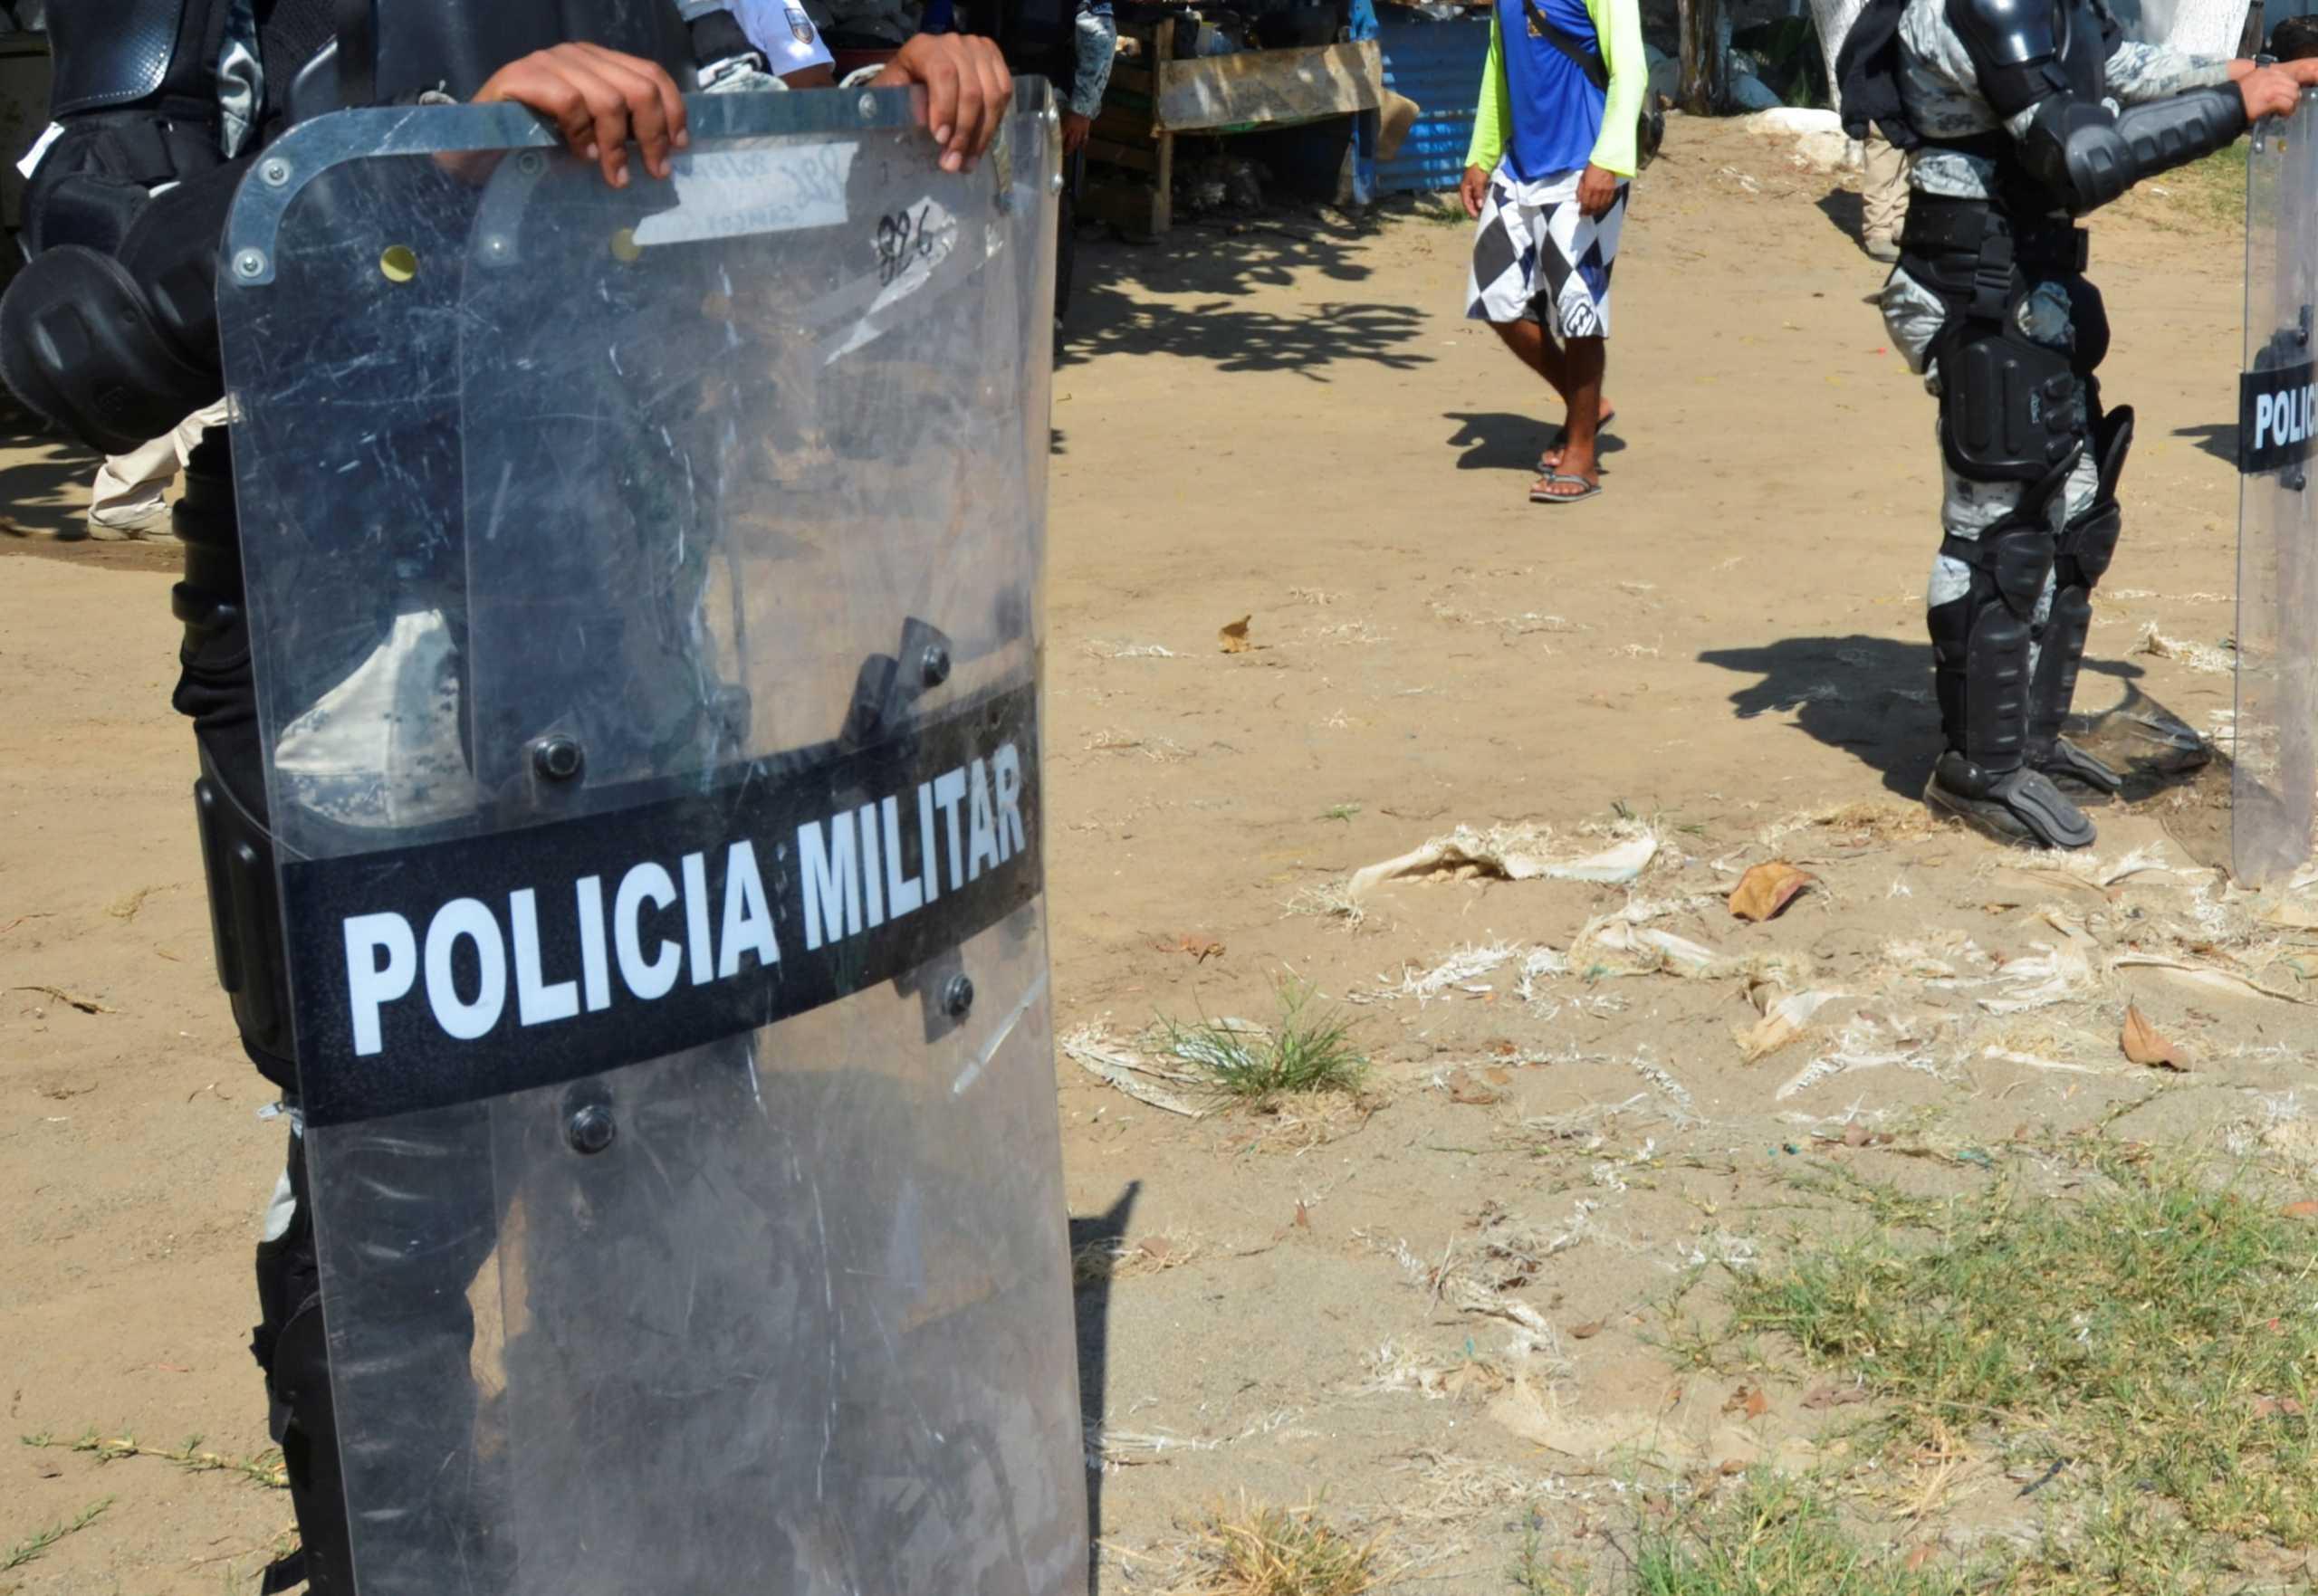 Μεξικό: Πρώην κυβερνήτης κατηγορείται ότι βασάνισε μία δημοσιογράφο